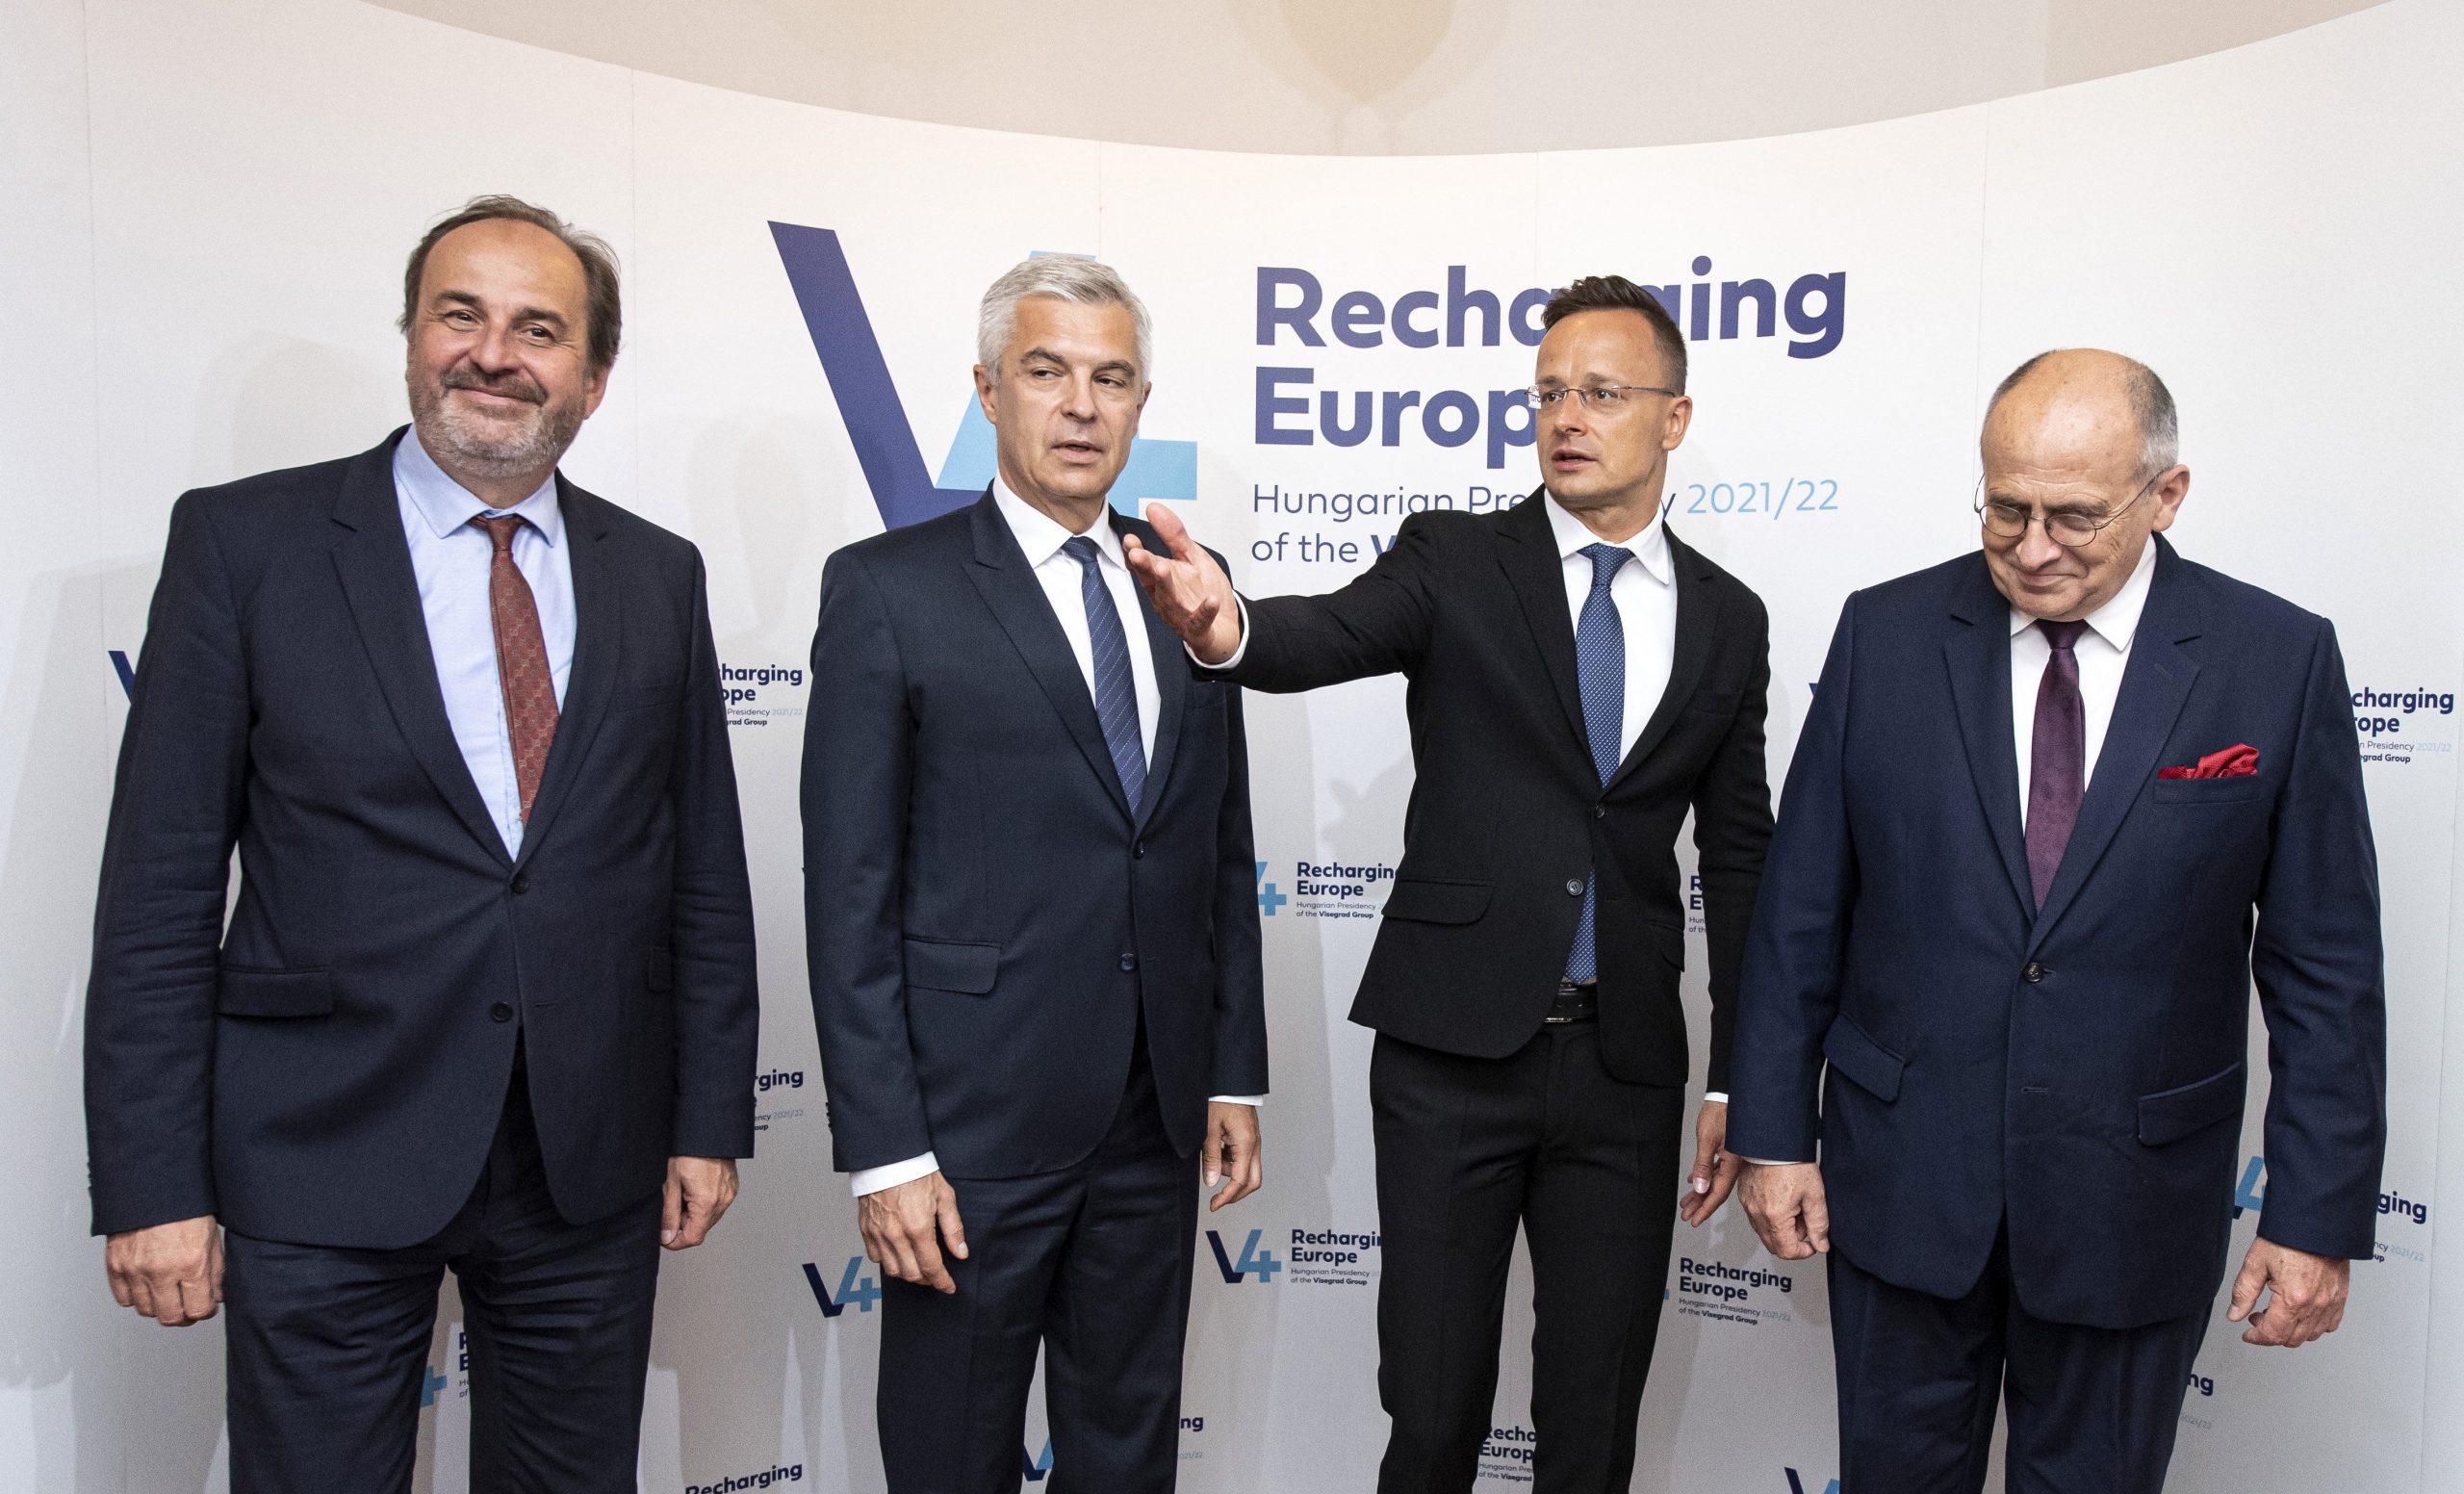 FM Szijjártó: V4 Countries to Help Lithuania Halt Migrants